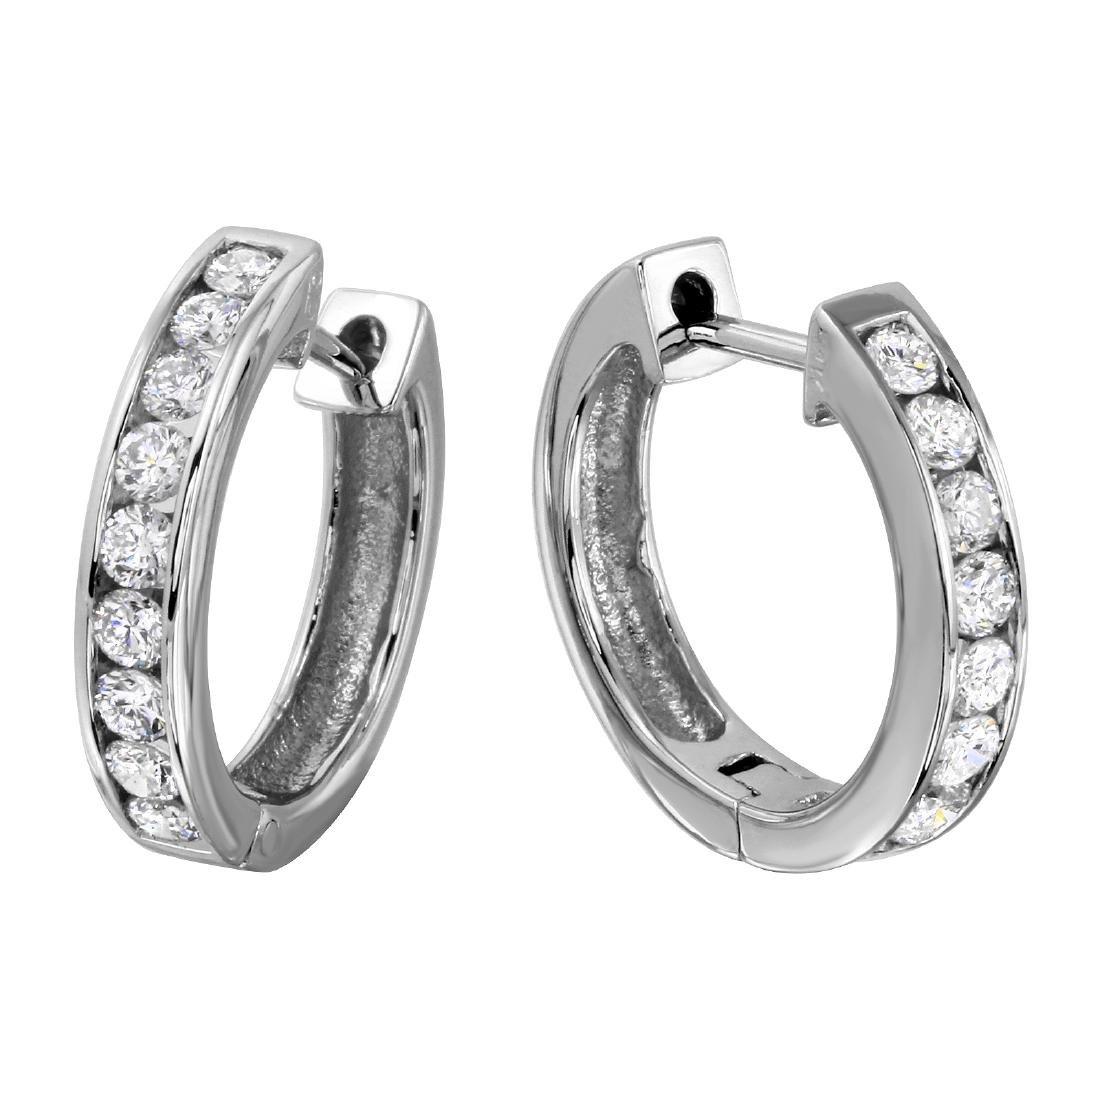 14KT White Gold Diamond Hoop Earrings - 4